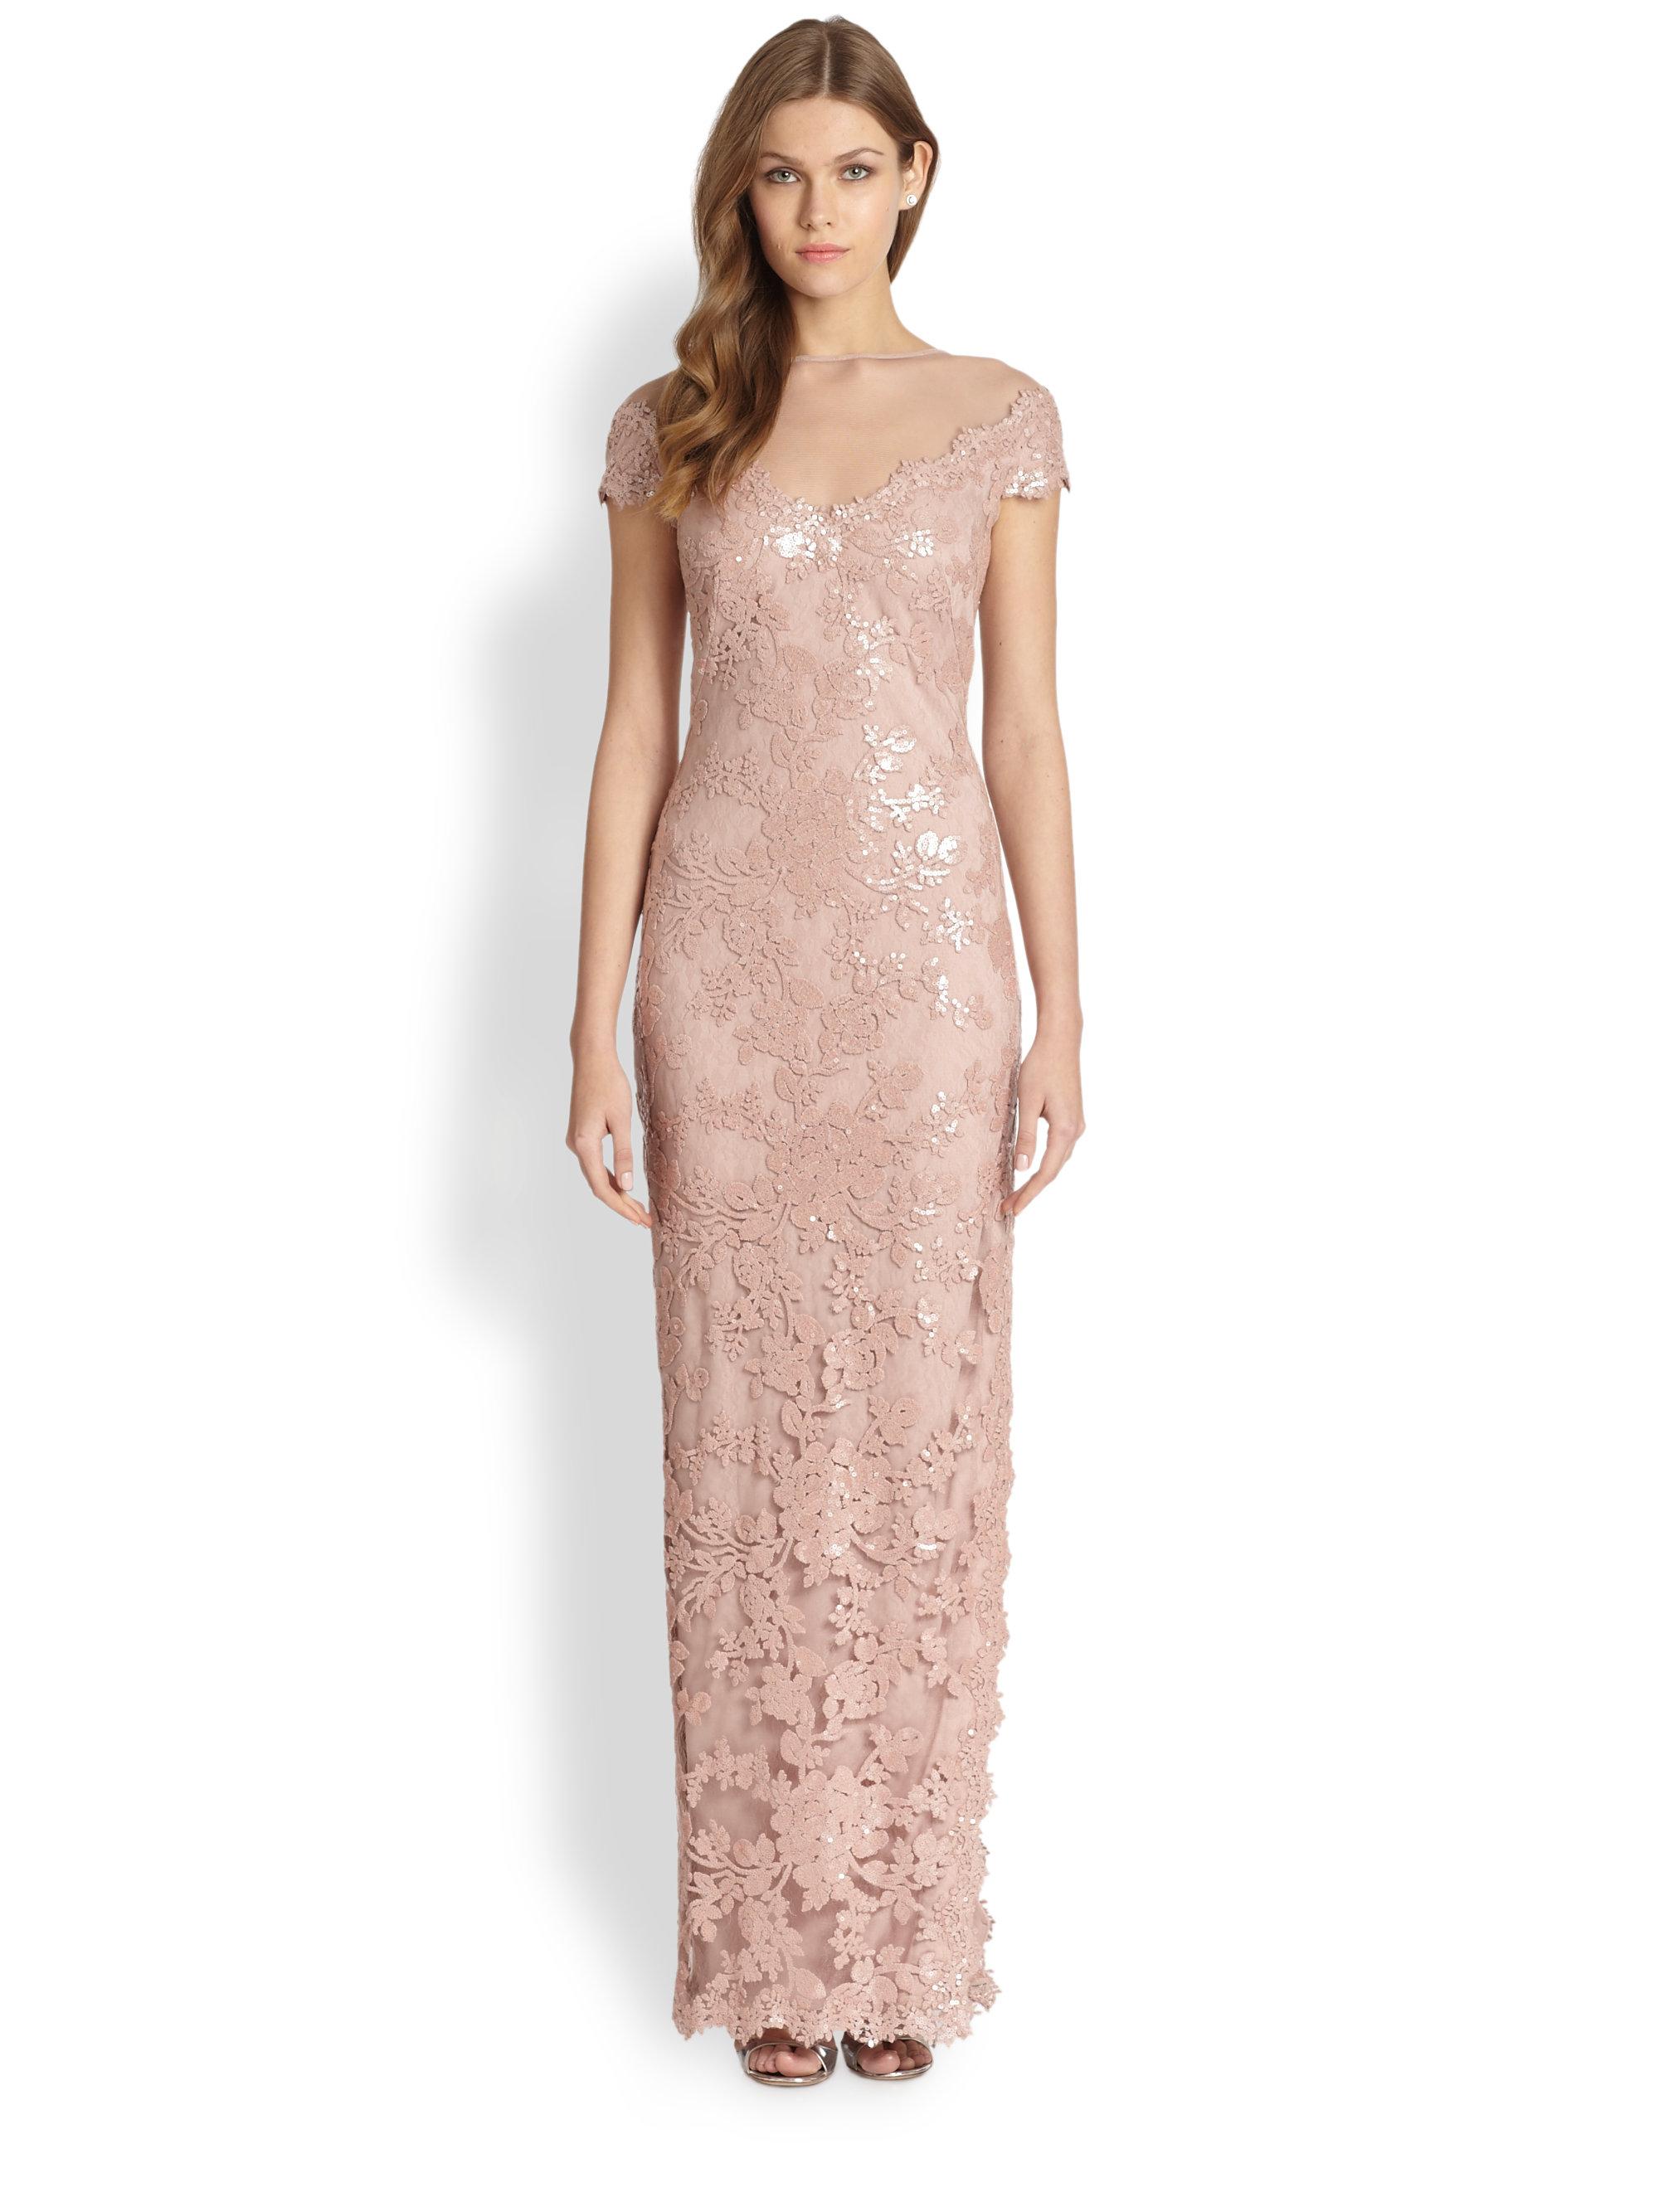 8ec6fe8d Tadashi Shoji Offtheshoulder Sequin Gown in Pink - Lyst